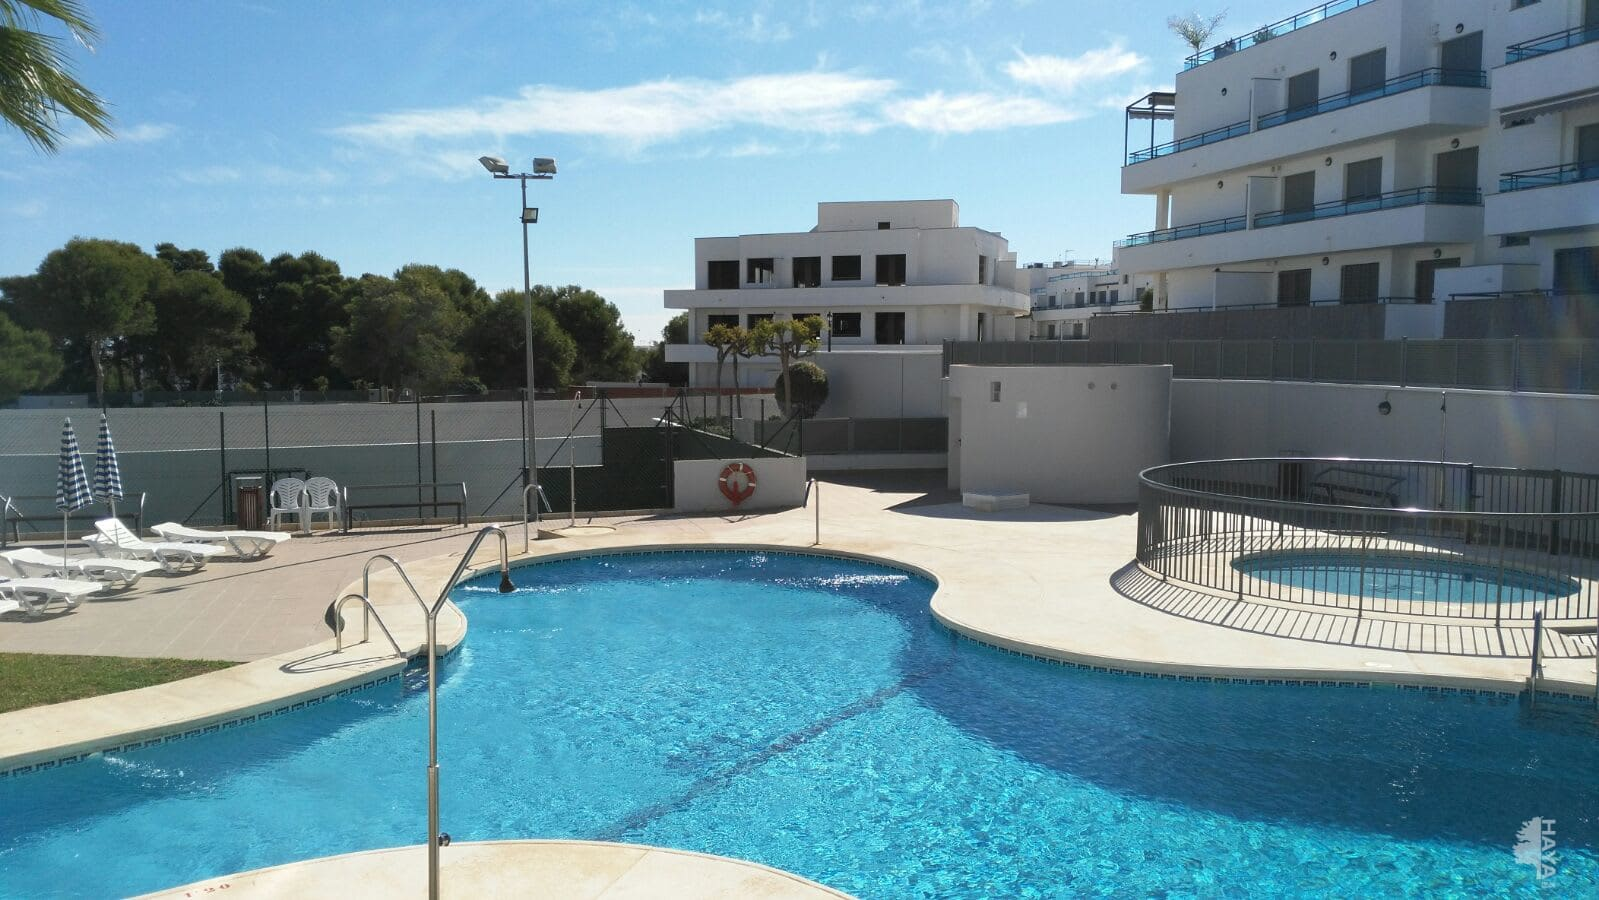 Piso en venta en Garrucha, Garrucha, Almería, Calle Murillo, 91.100 €, 2 habitaciones, 2 baños, 70 m2